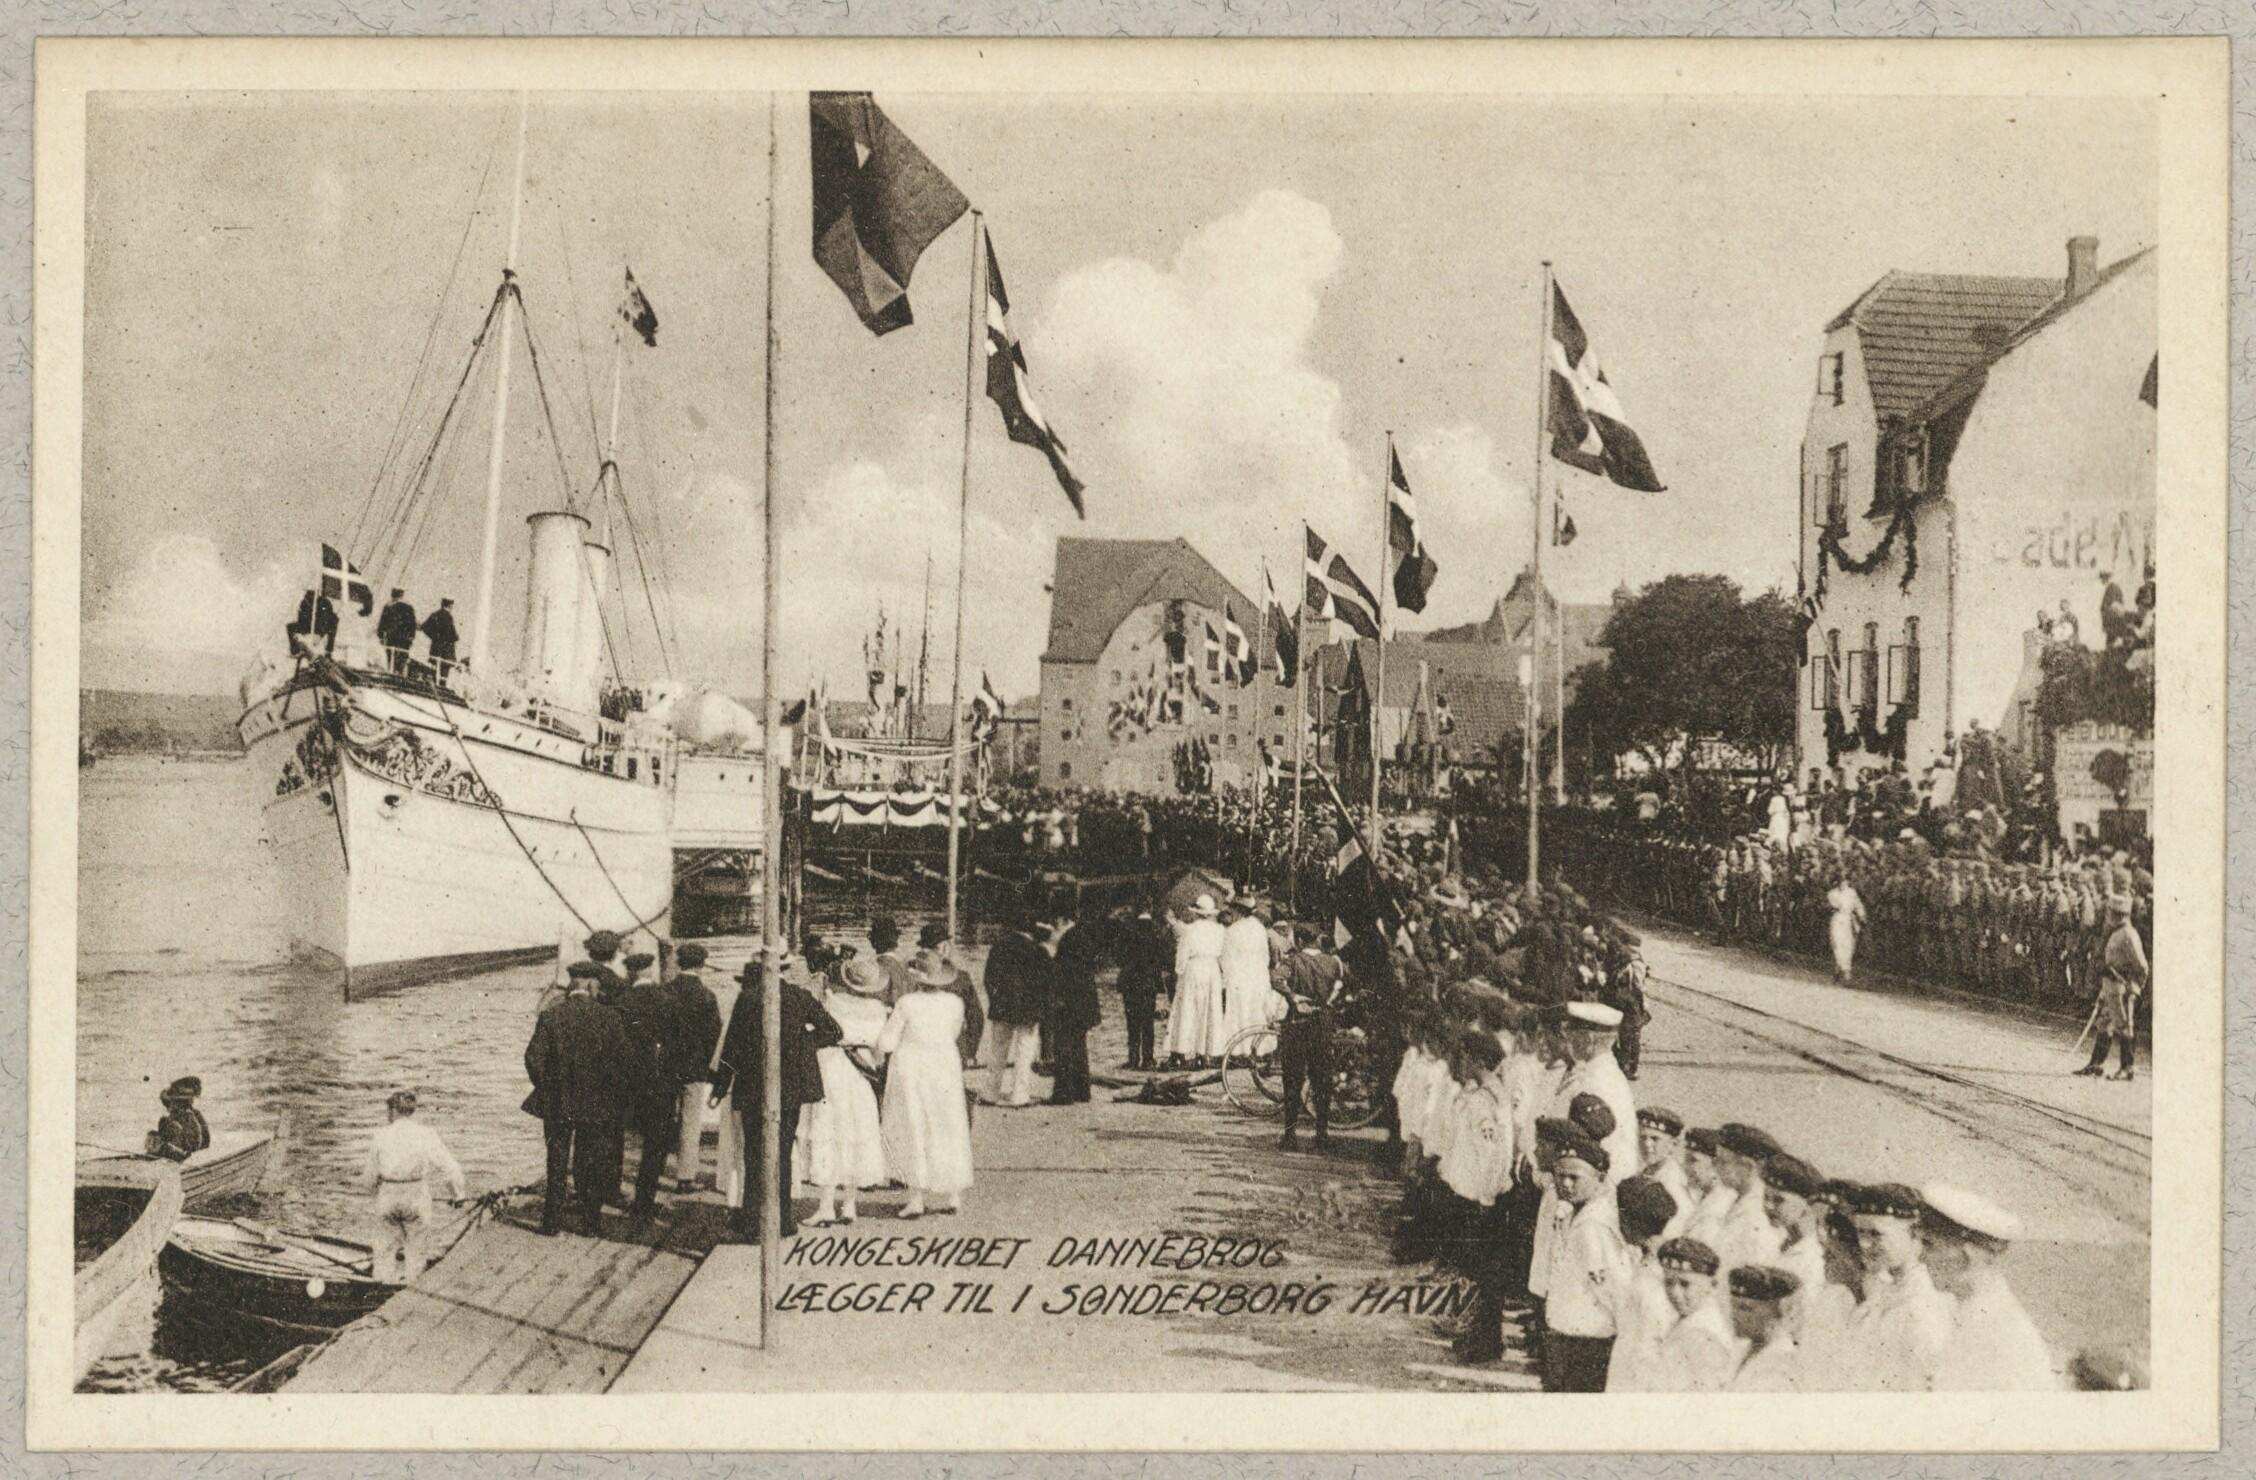 en date Sønderborg